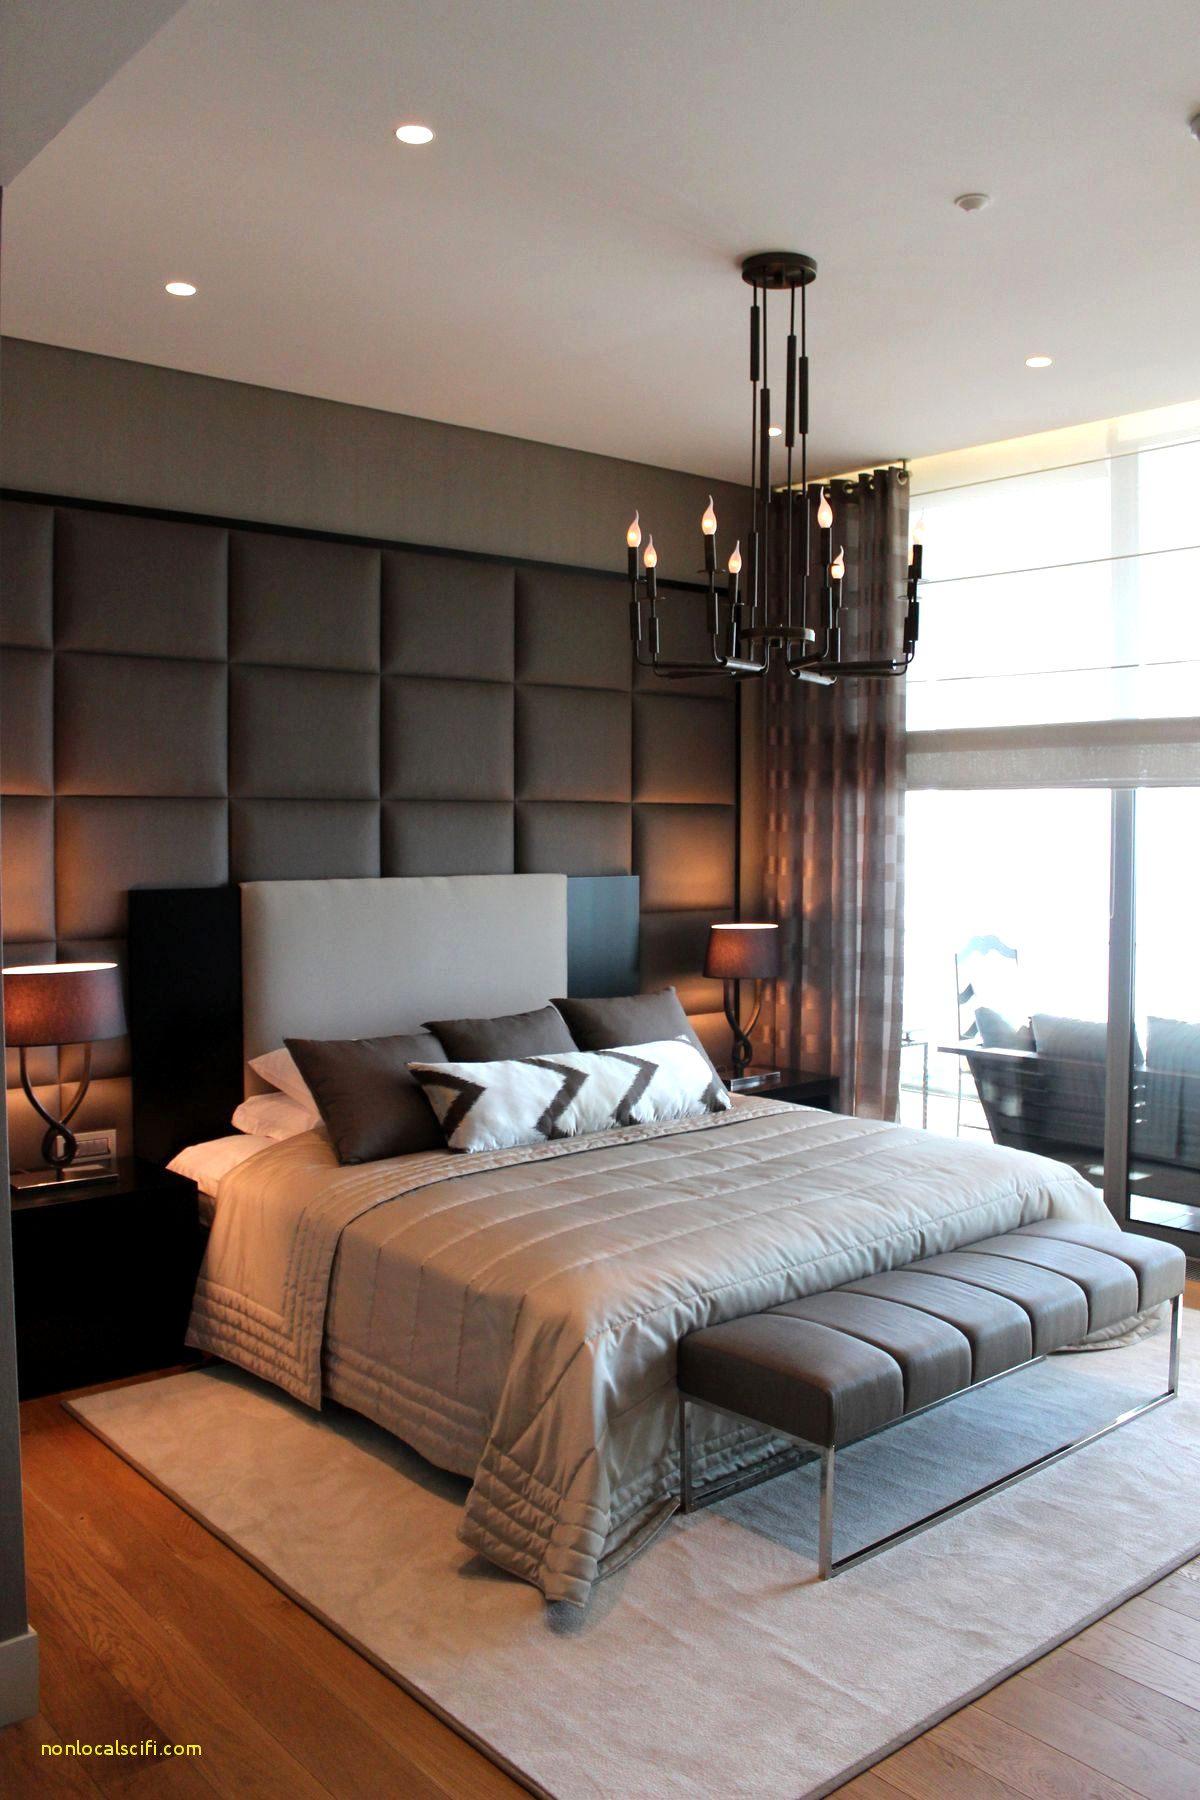 Lit Superposé Ado Charmant étourdissant Chambre Mezzanine Ado Sur Lit Mezzanine Design Lit